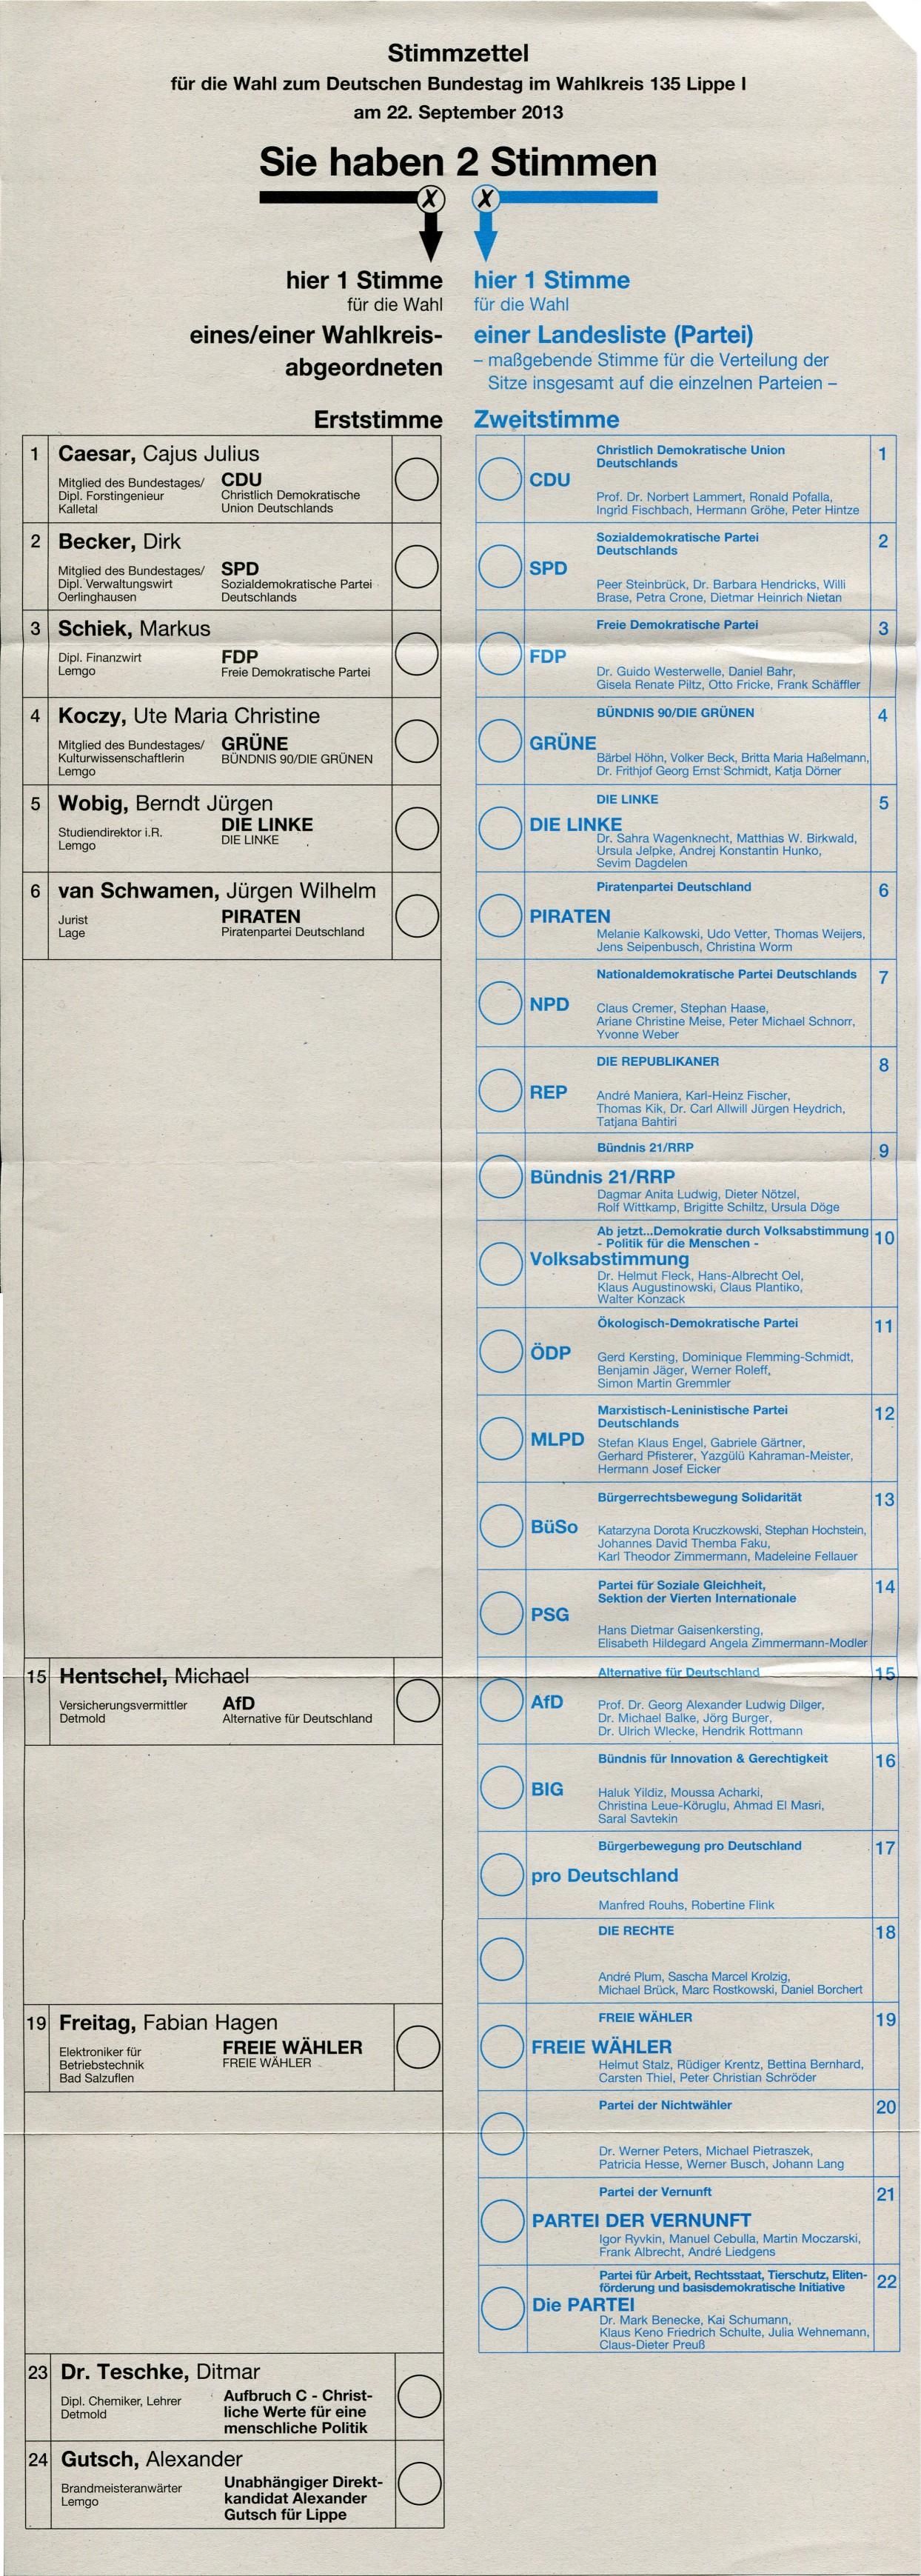 Stimmzettel zur Bundestagswahl 2013 im Wahlkreis 135 - Lippe I